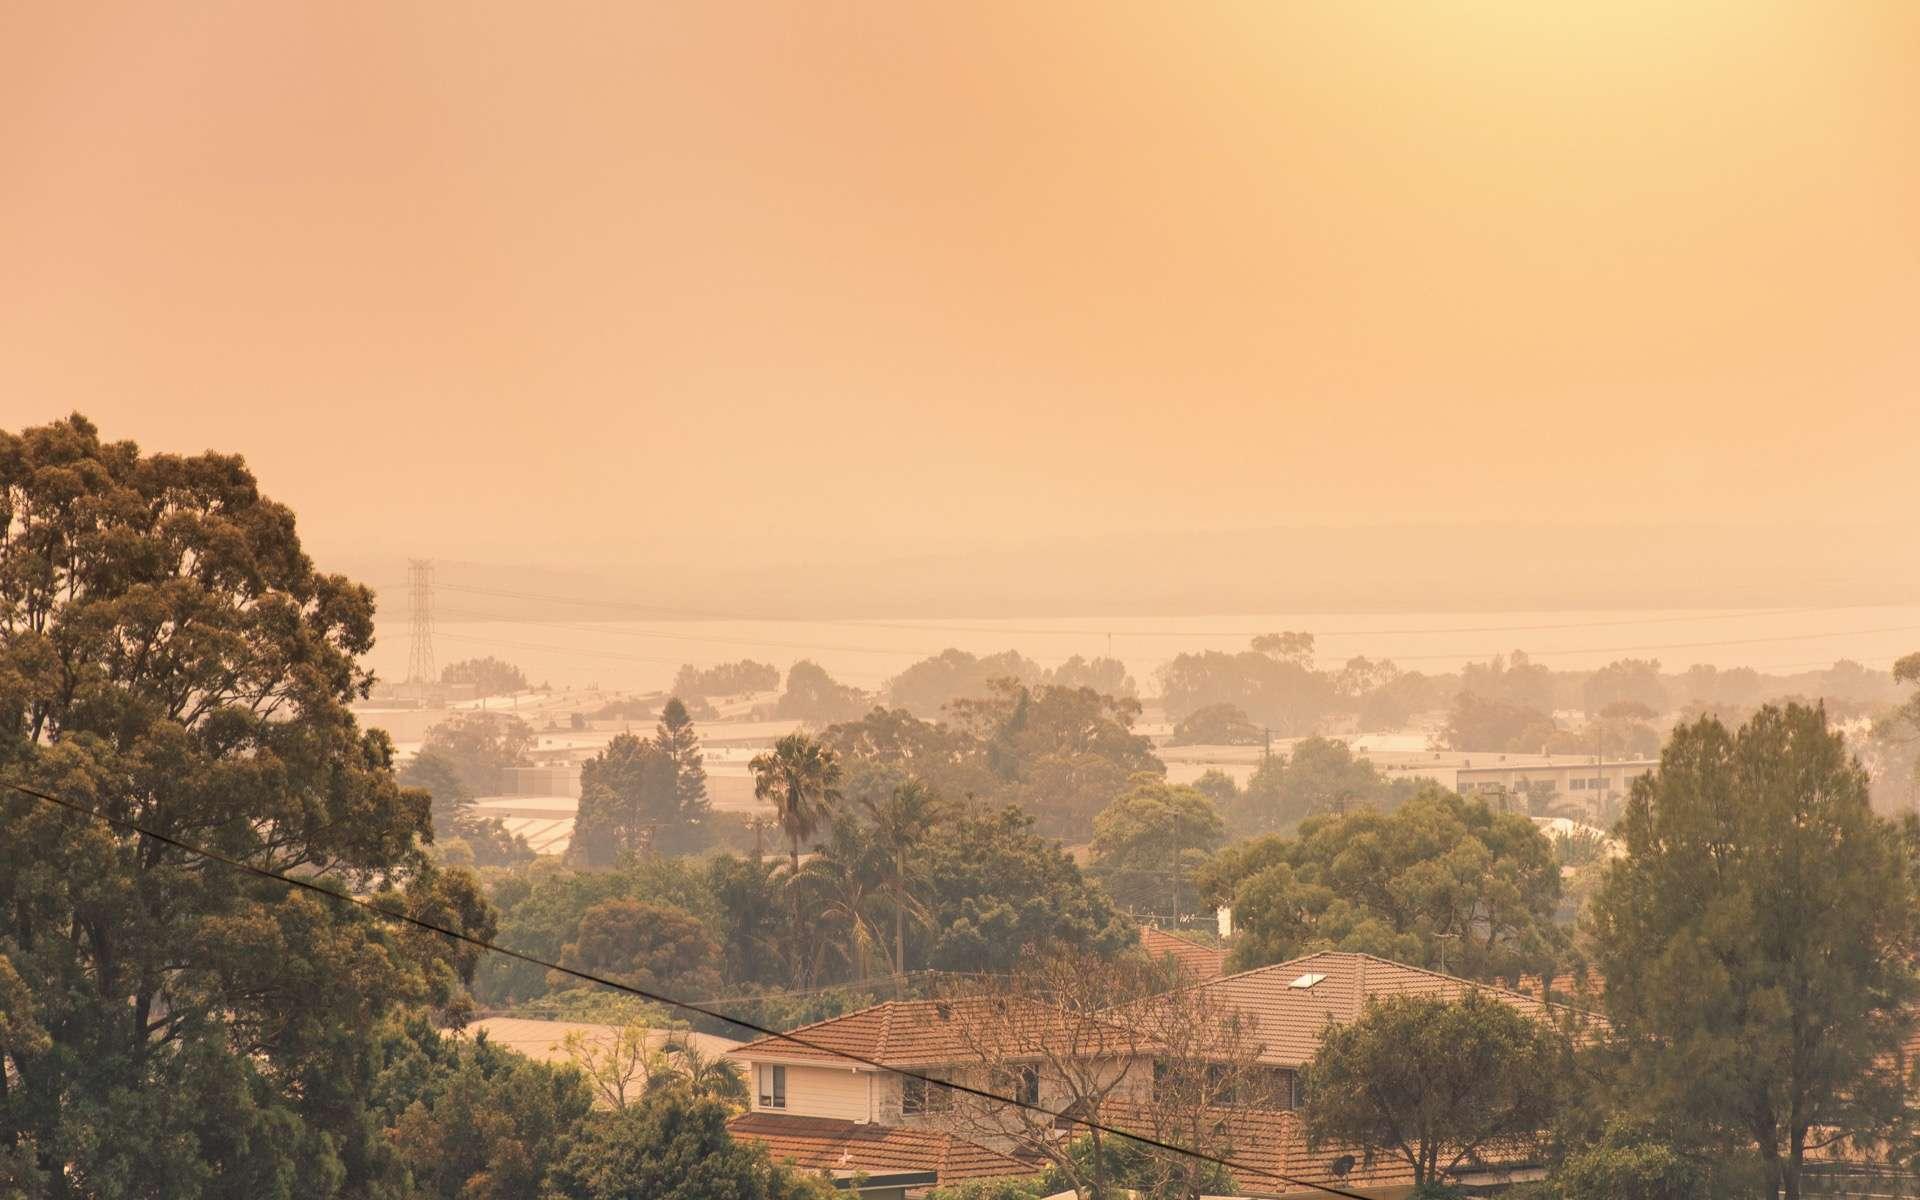 Depuis trois mois, l'Australie est confronté aux pires incendies que le pays ait connu. Un épais brouillard de fumées toxiques dégagé par les feux de forêts envahit l'est du continent. © Darian Ni, Adobe Stock